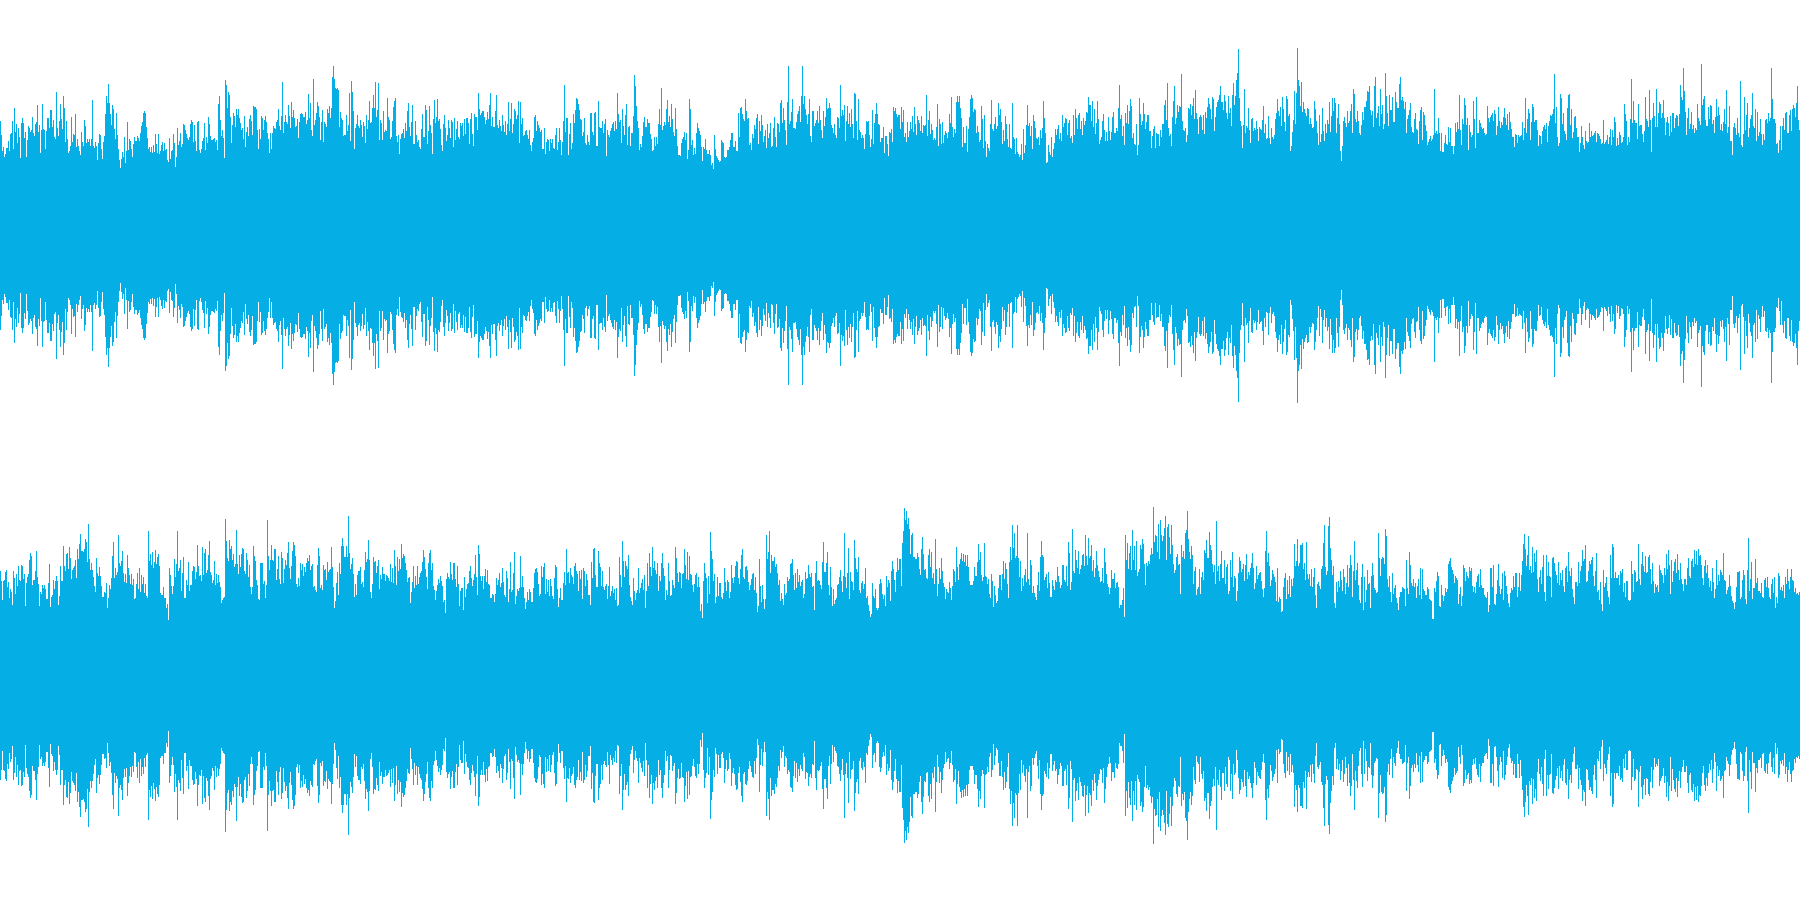 【メロディ抜き】コーラス感の強い浮遊感…の再生済みの波形